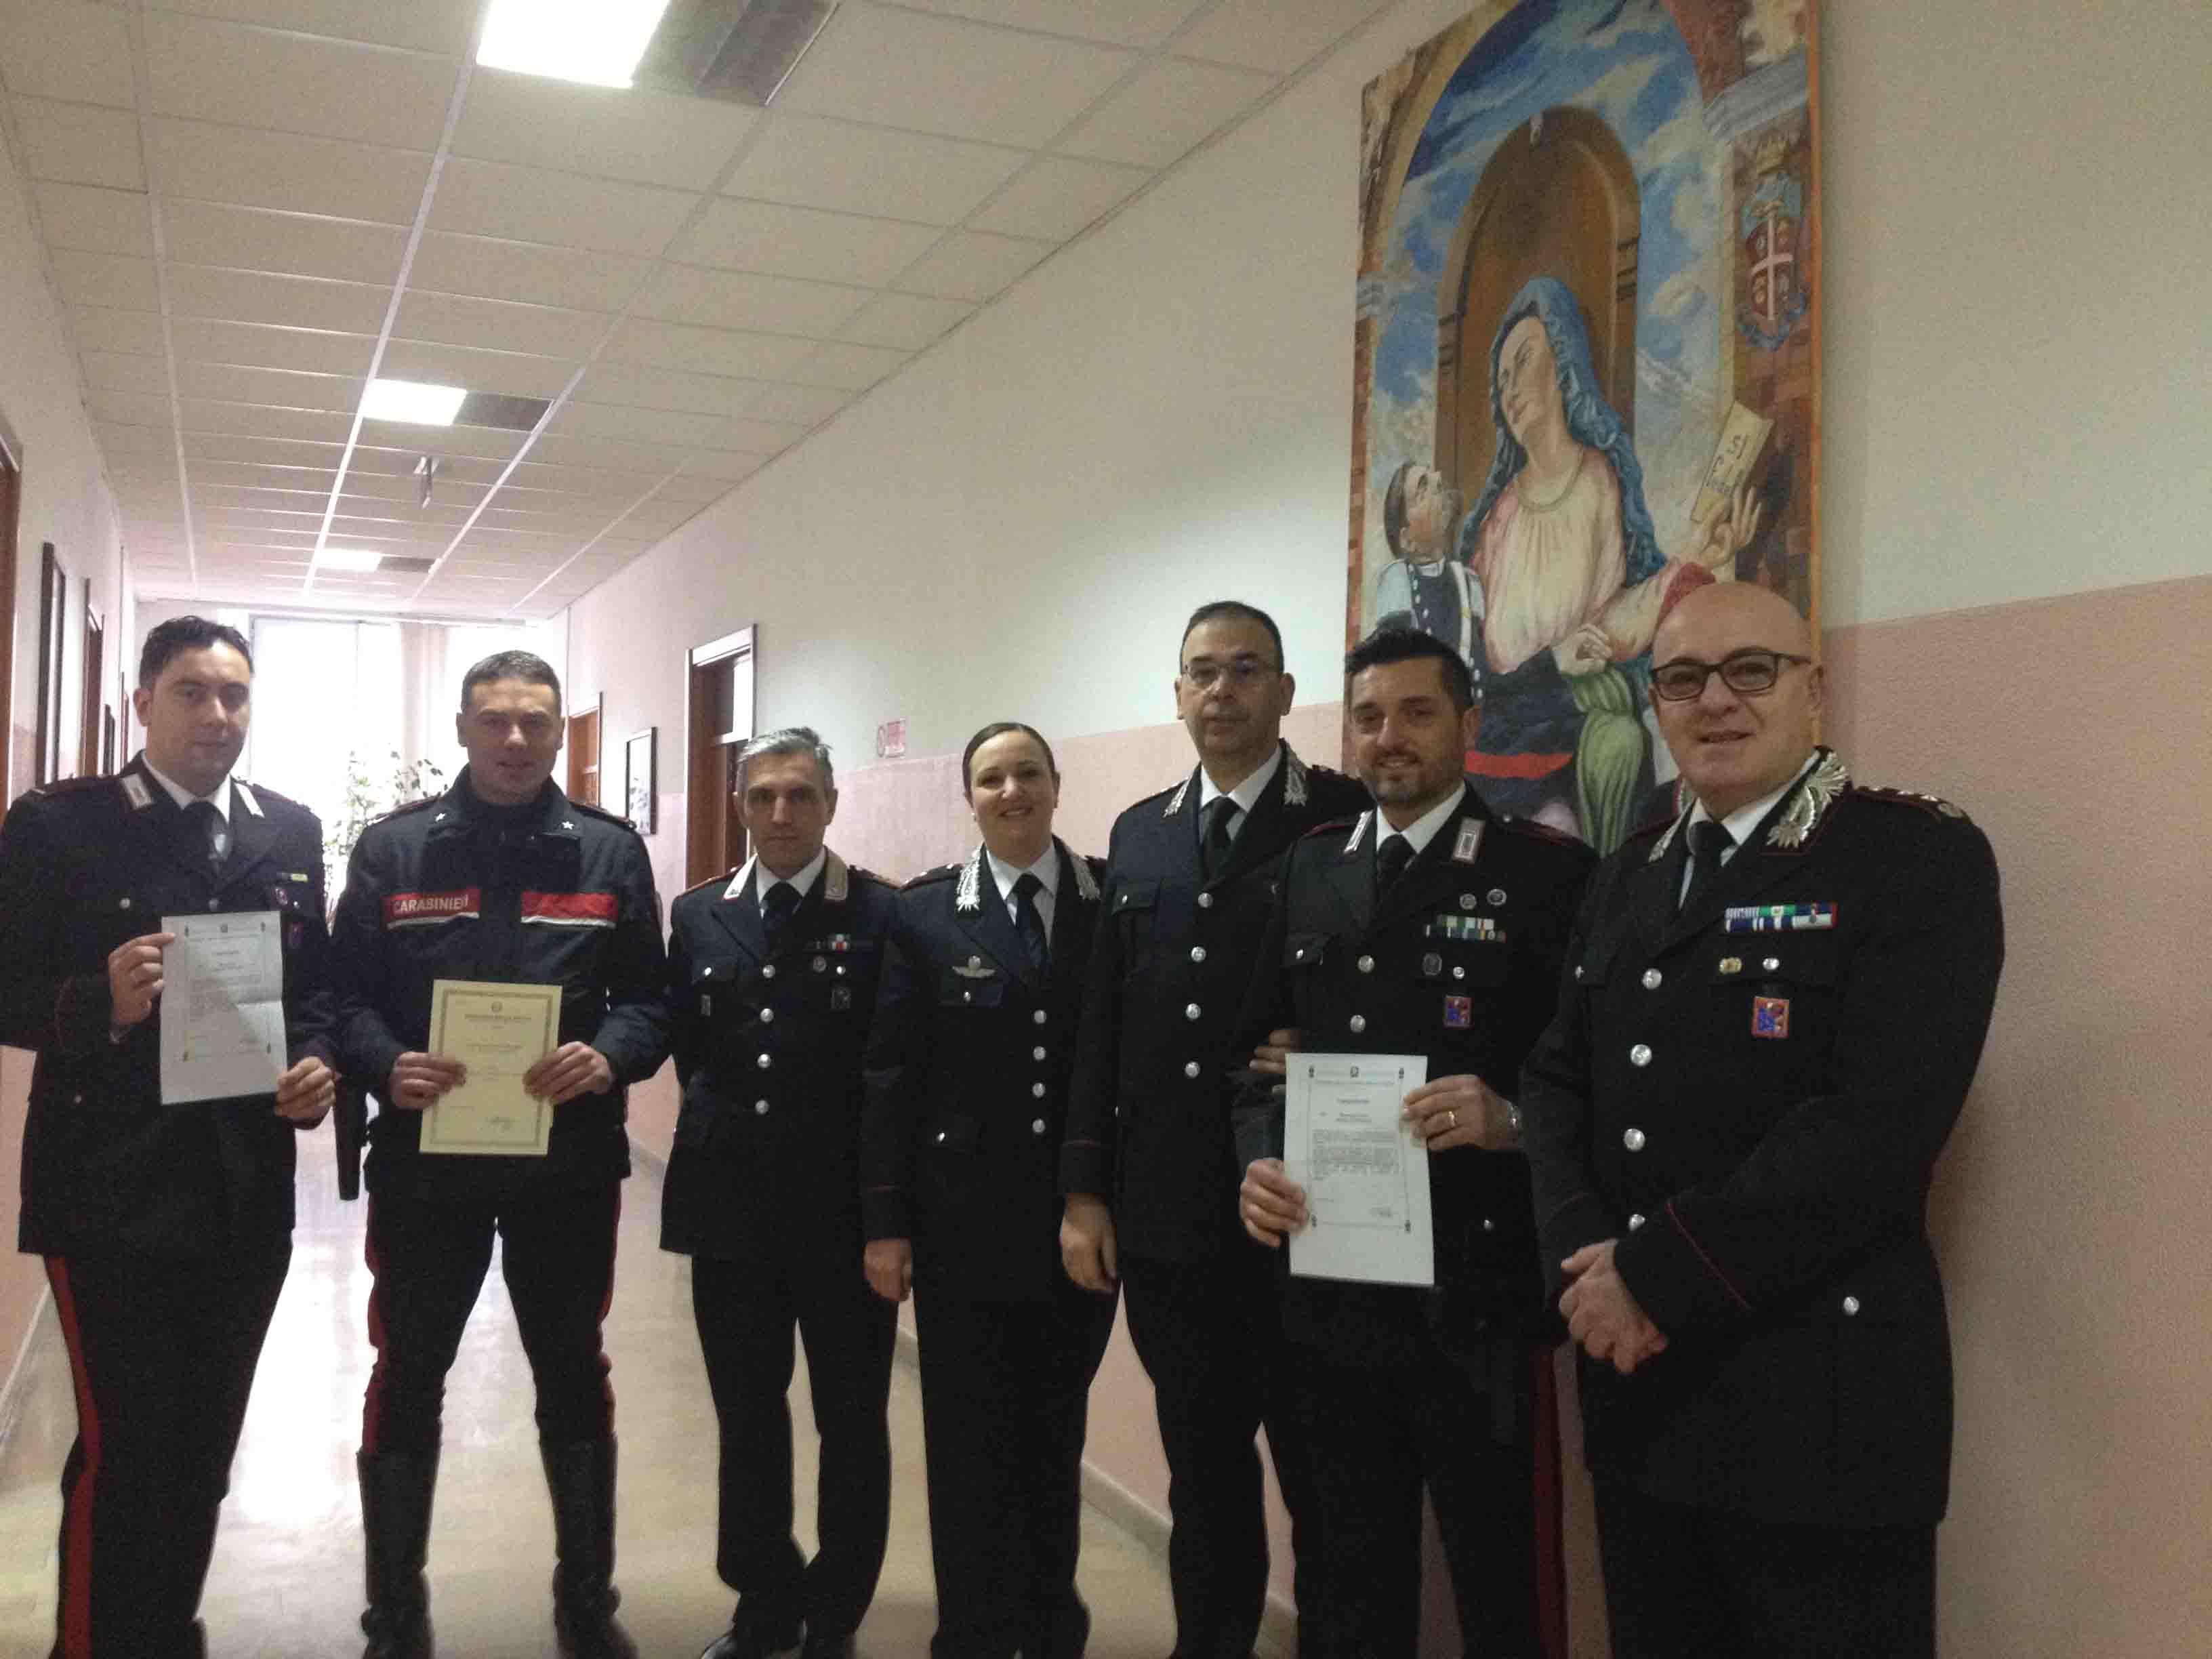 Salvarono un uomo in fin di vita, riconoscimenti per tre Carabinieri